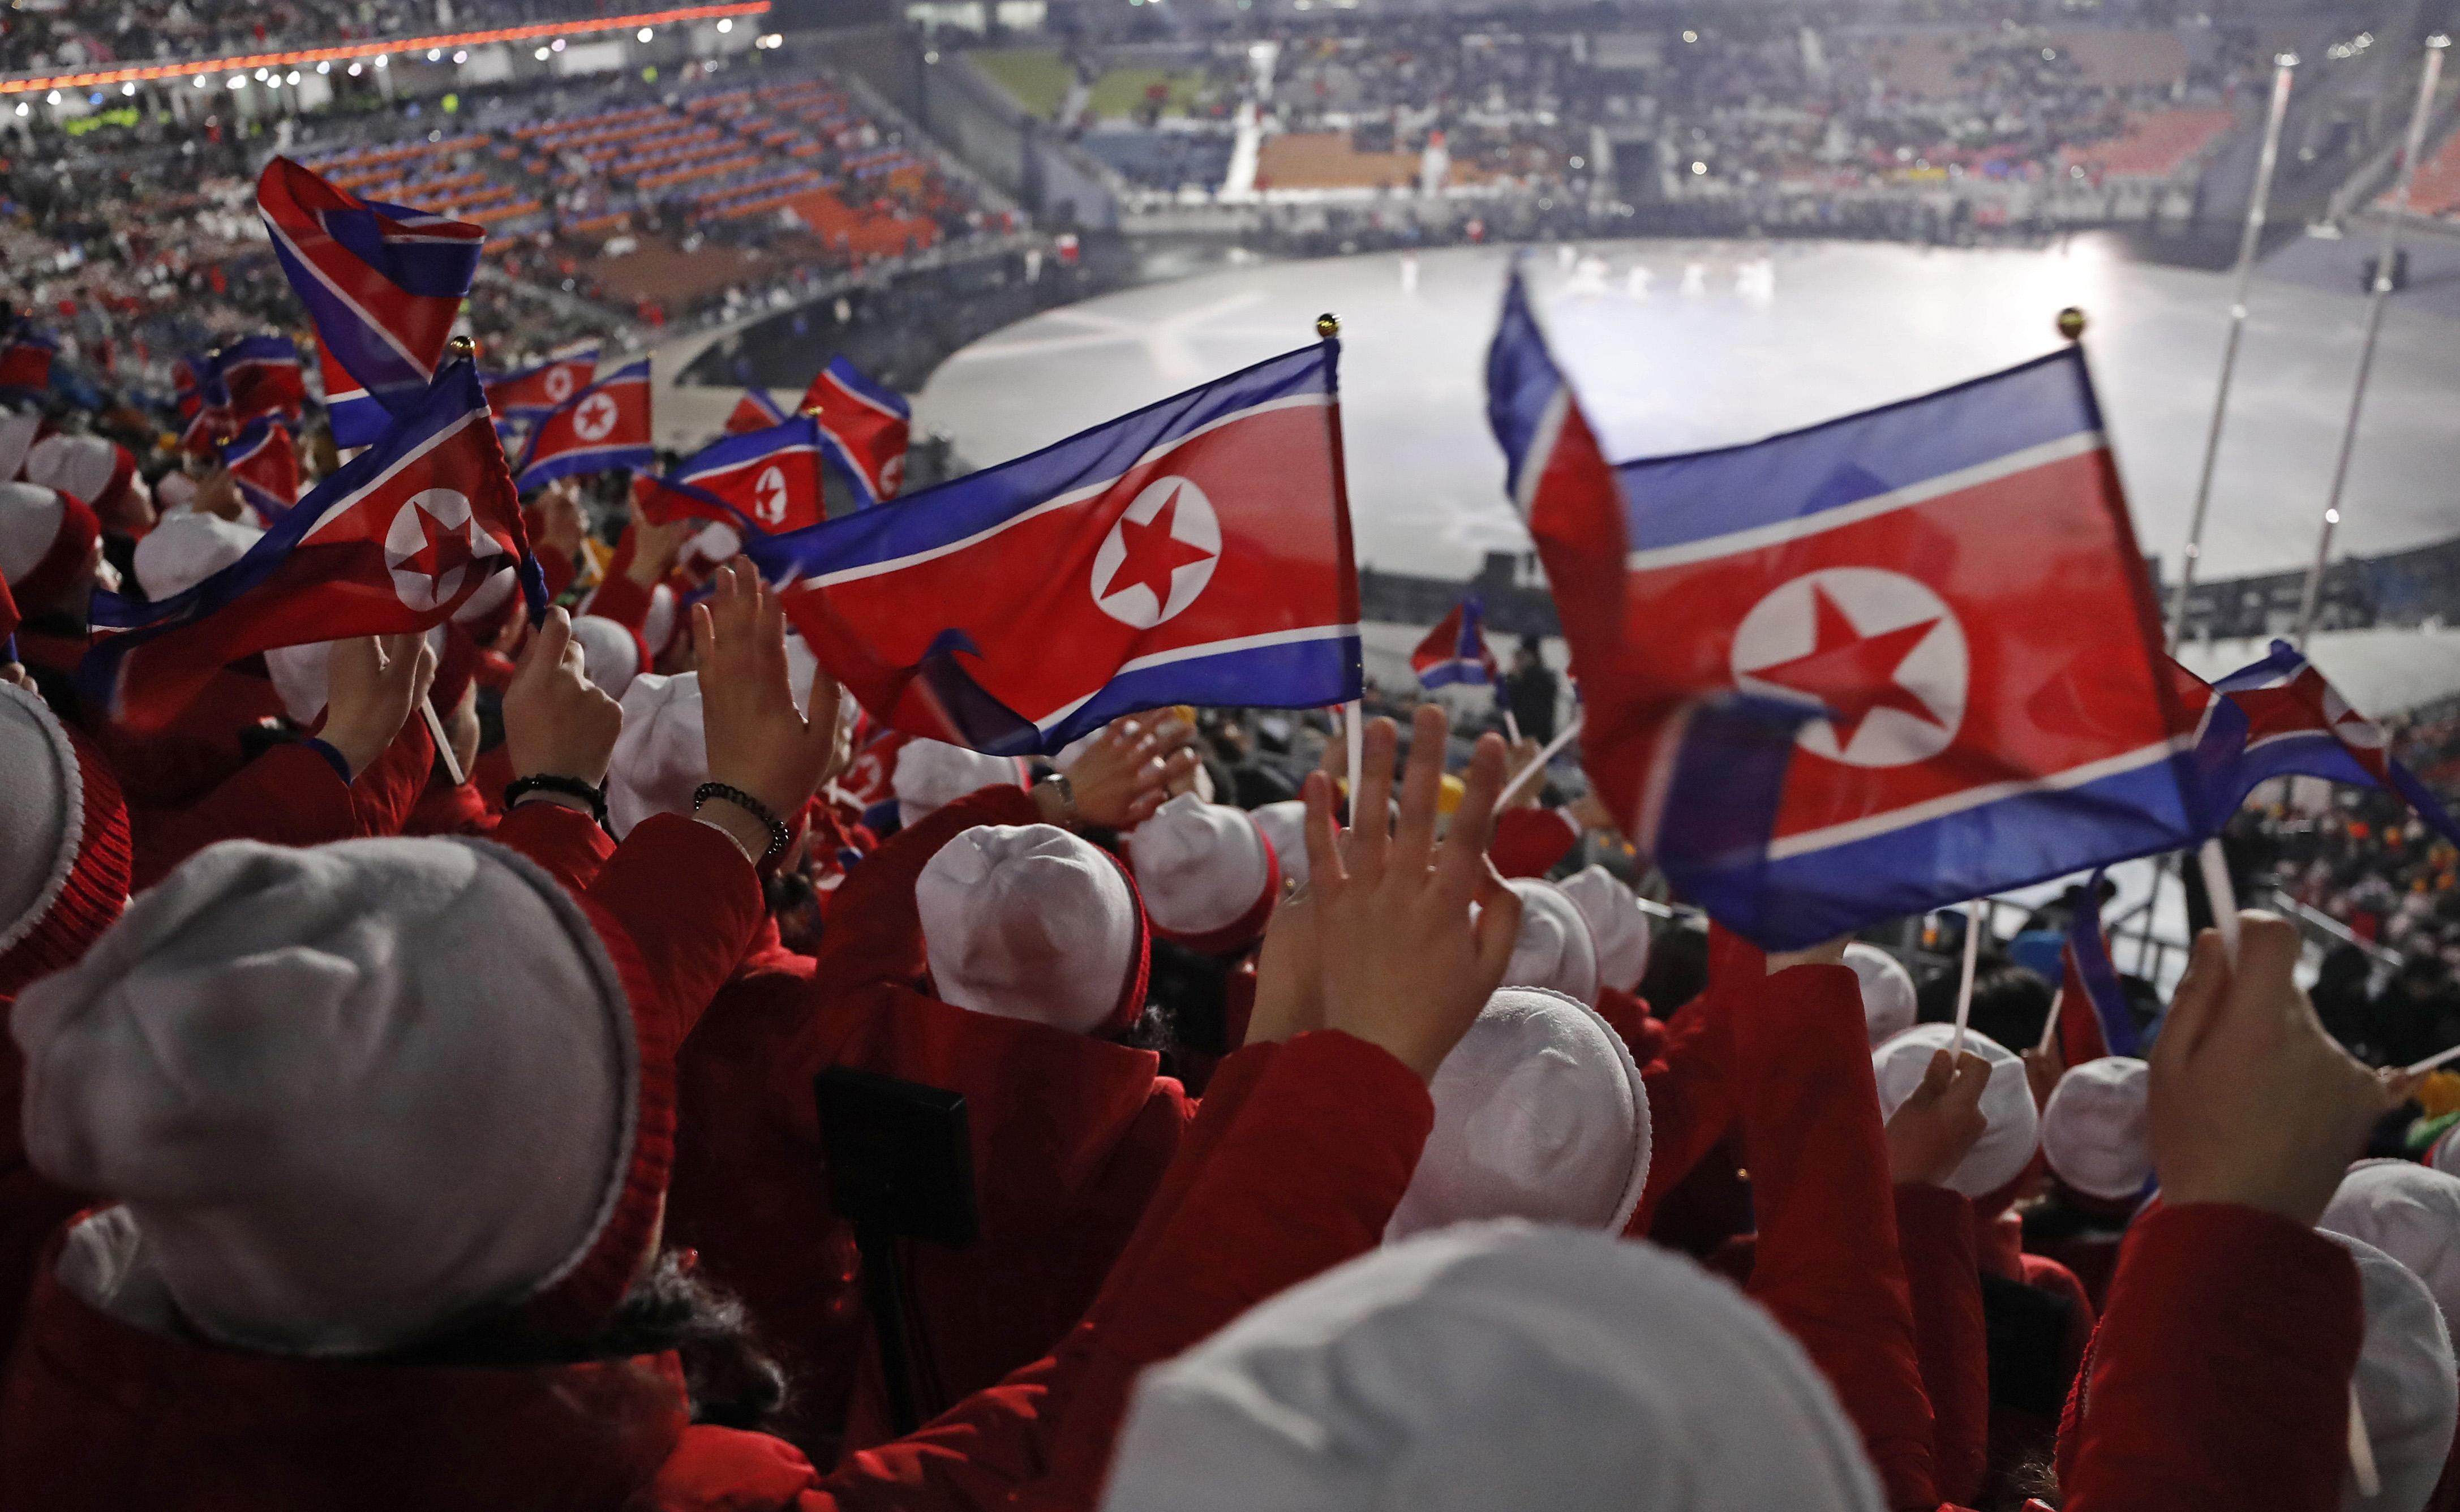 علم بيونج يانج يرفرف على أرض كوريا الجنوبية